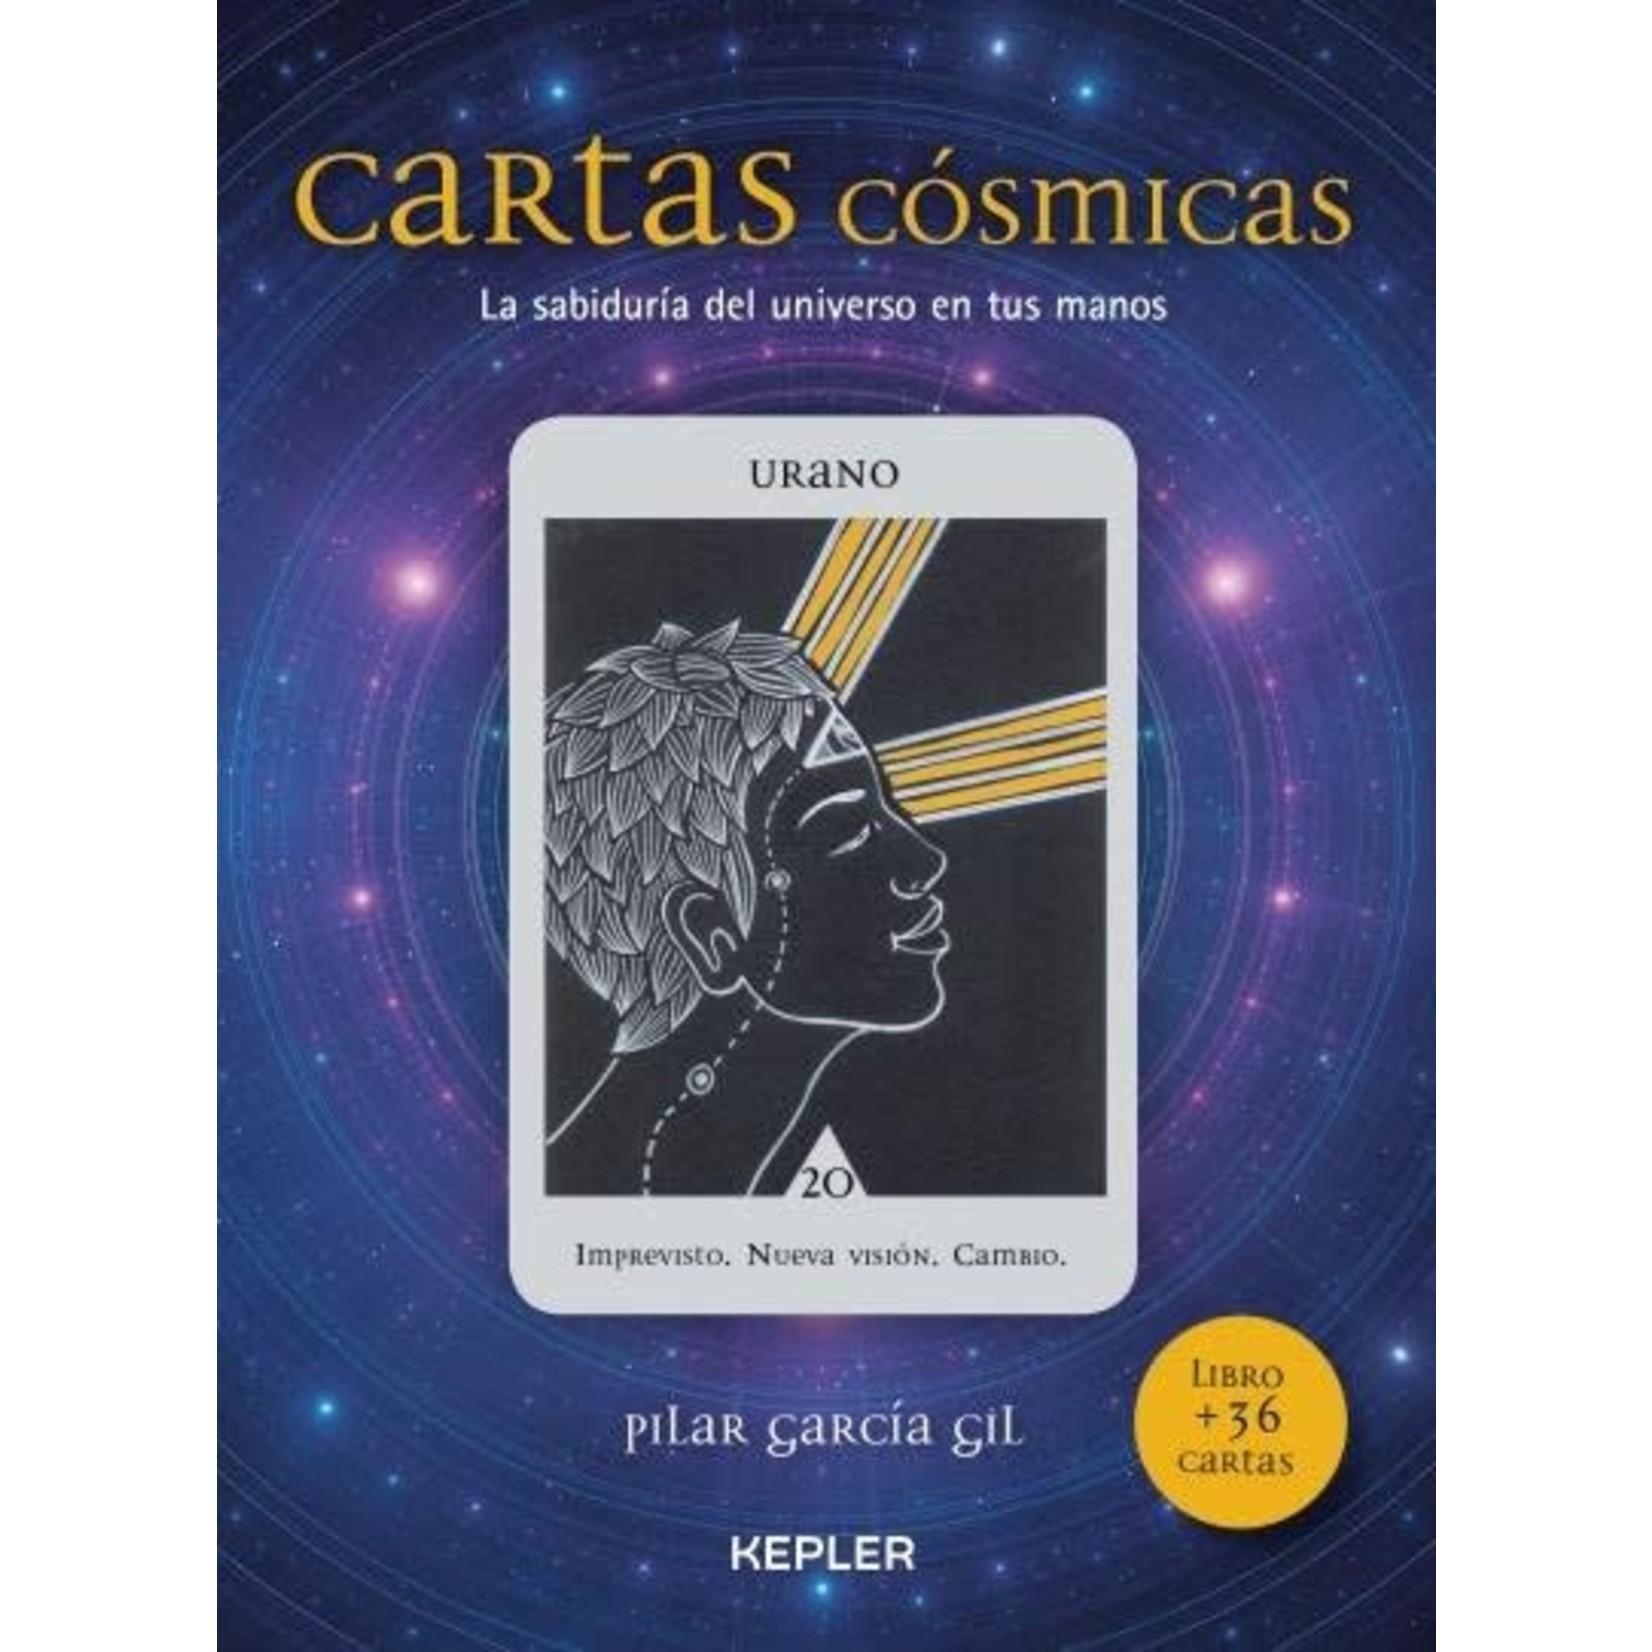 CARTAS COSMICAS